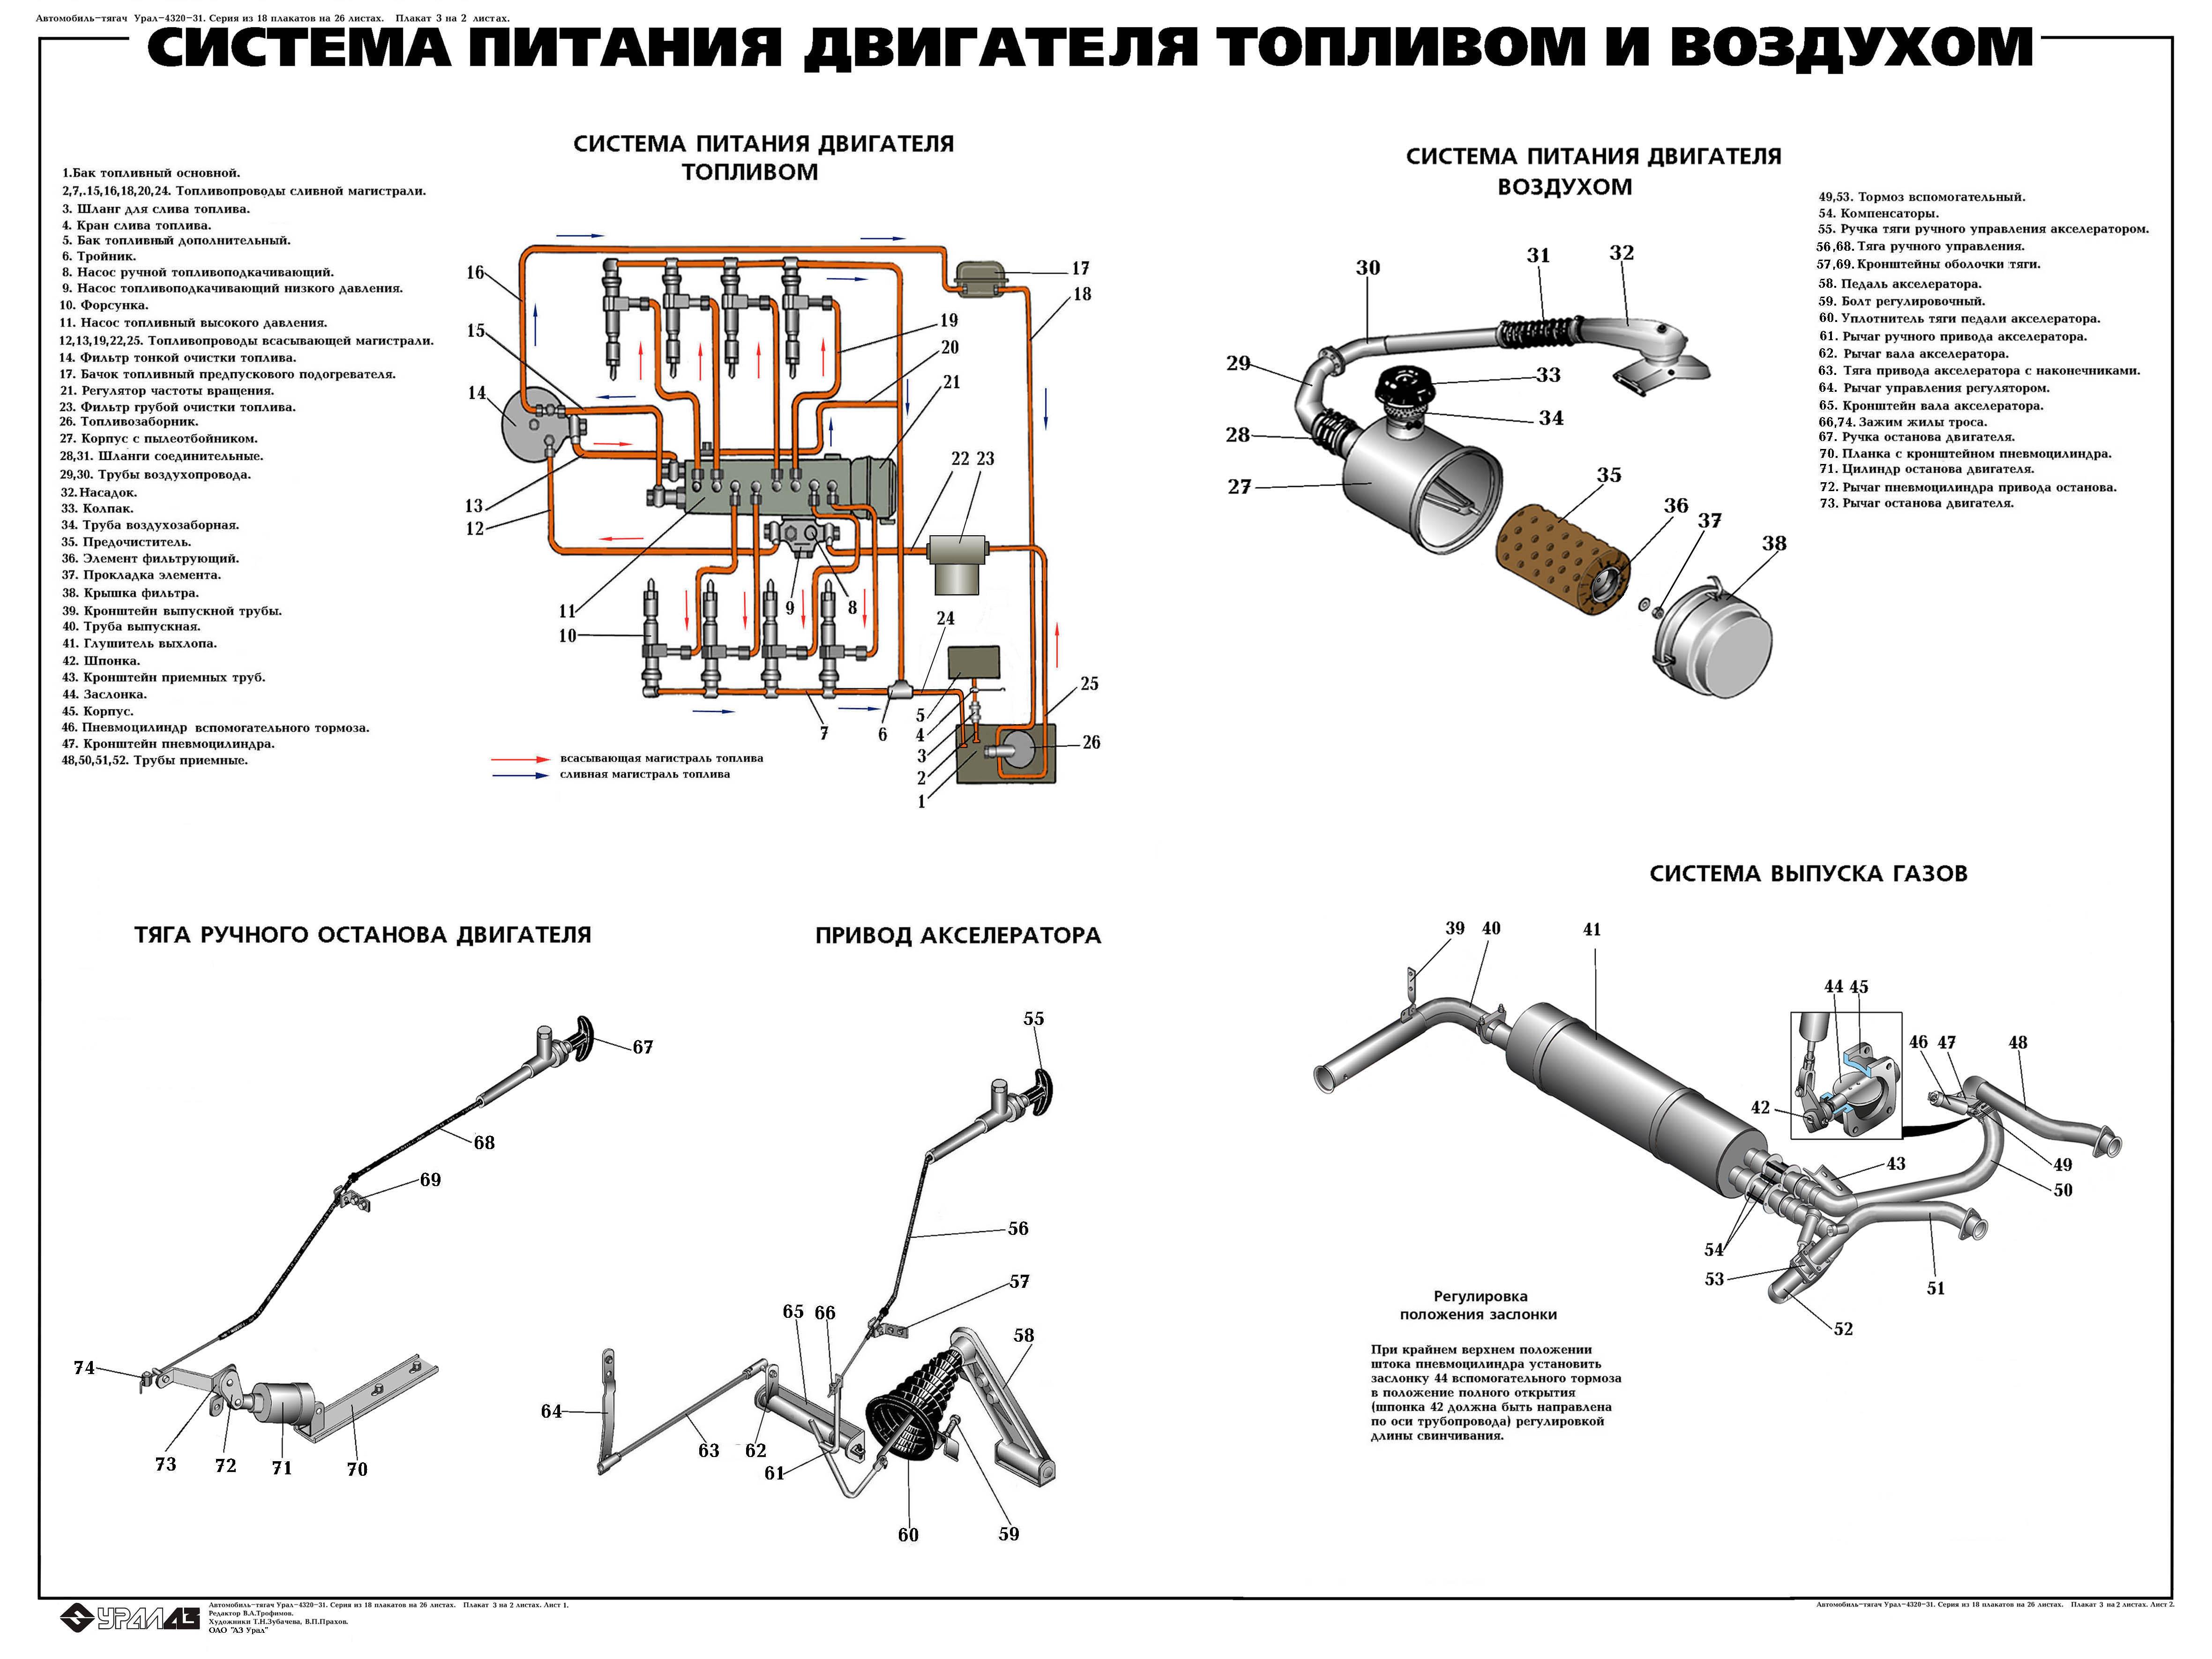 Система питания двигателя топливом и воздухом.